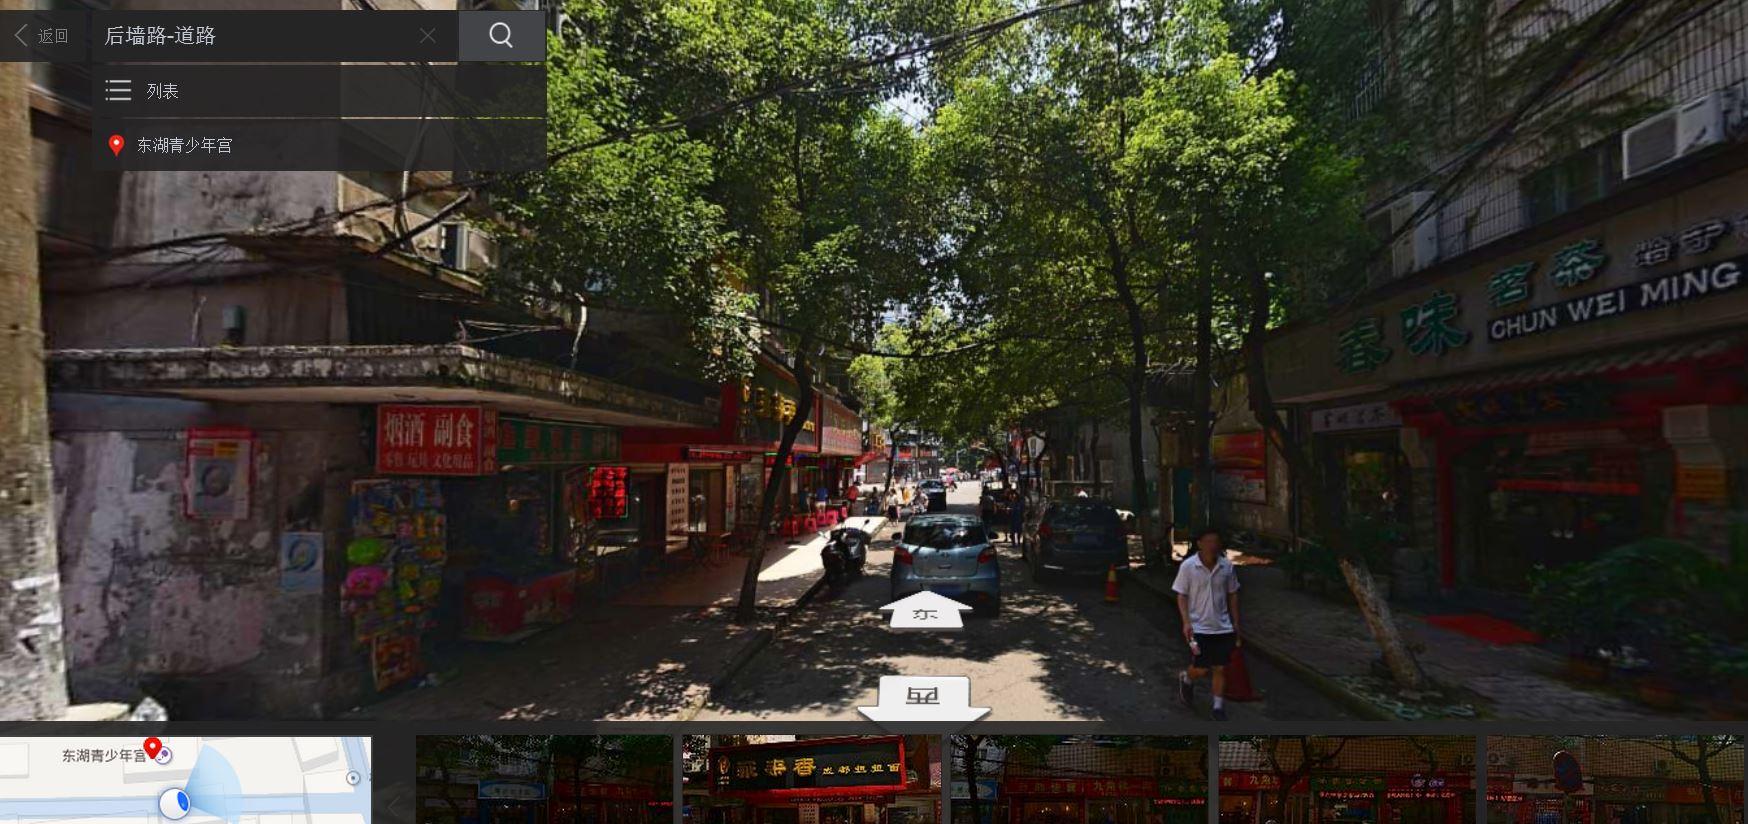 后墙路与步行街交界店面